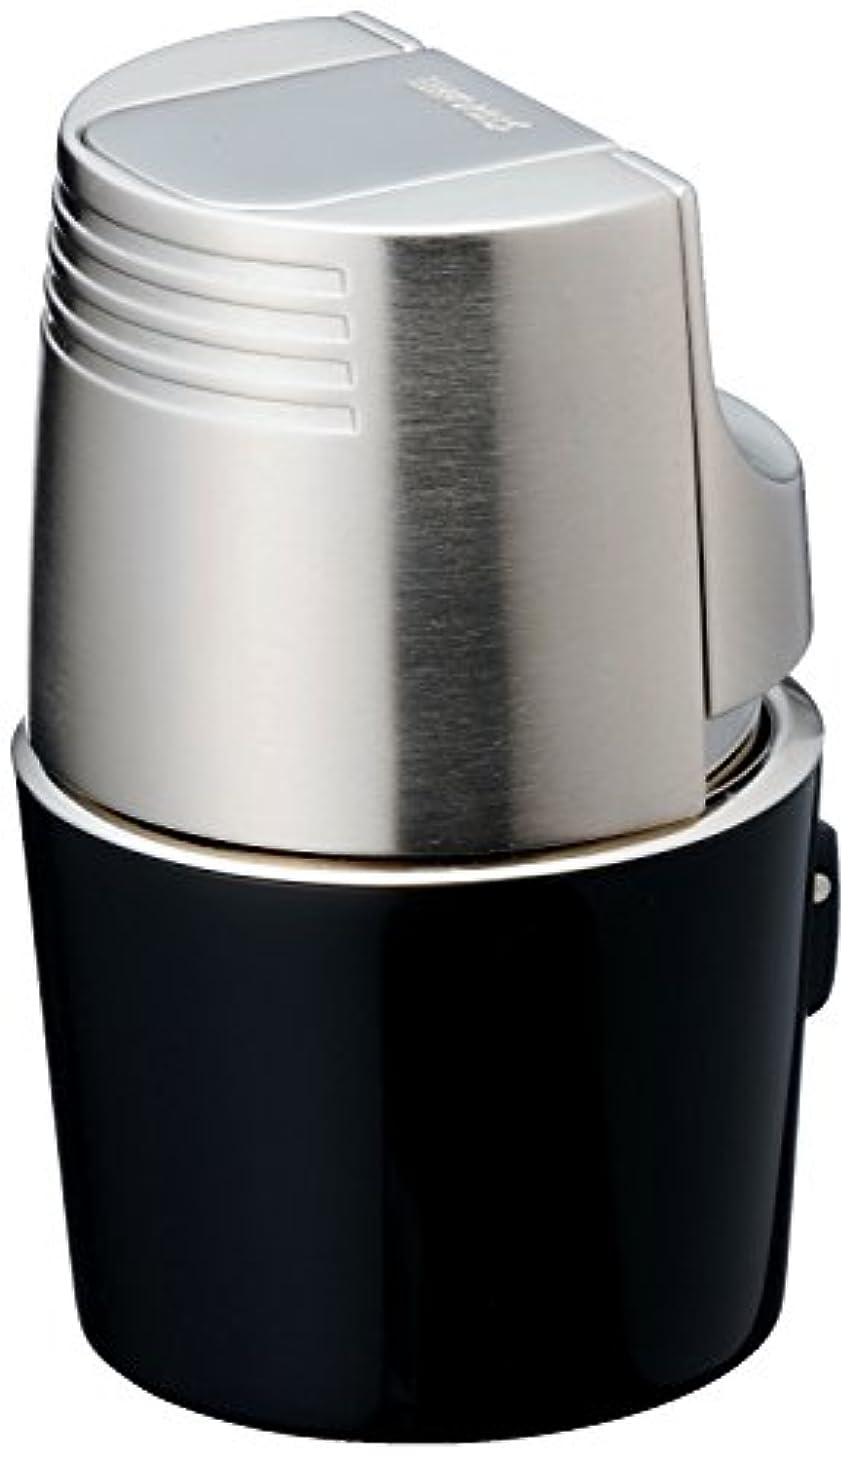 休みプレフィックストロリーSAROME(サロメ) ガス ライター T3BM1